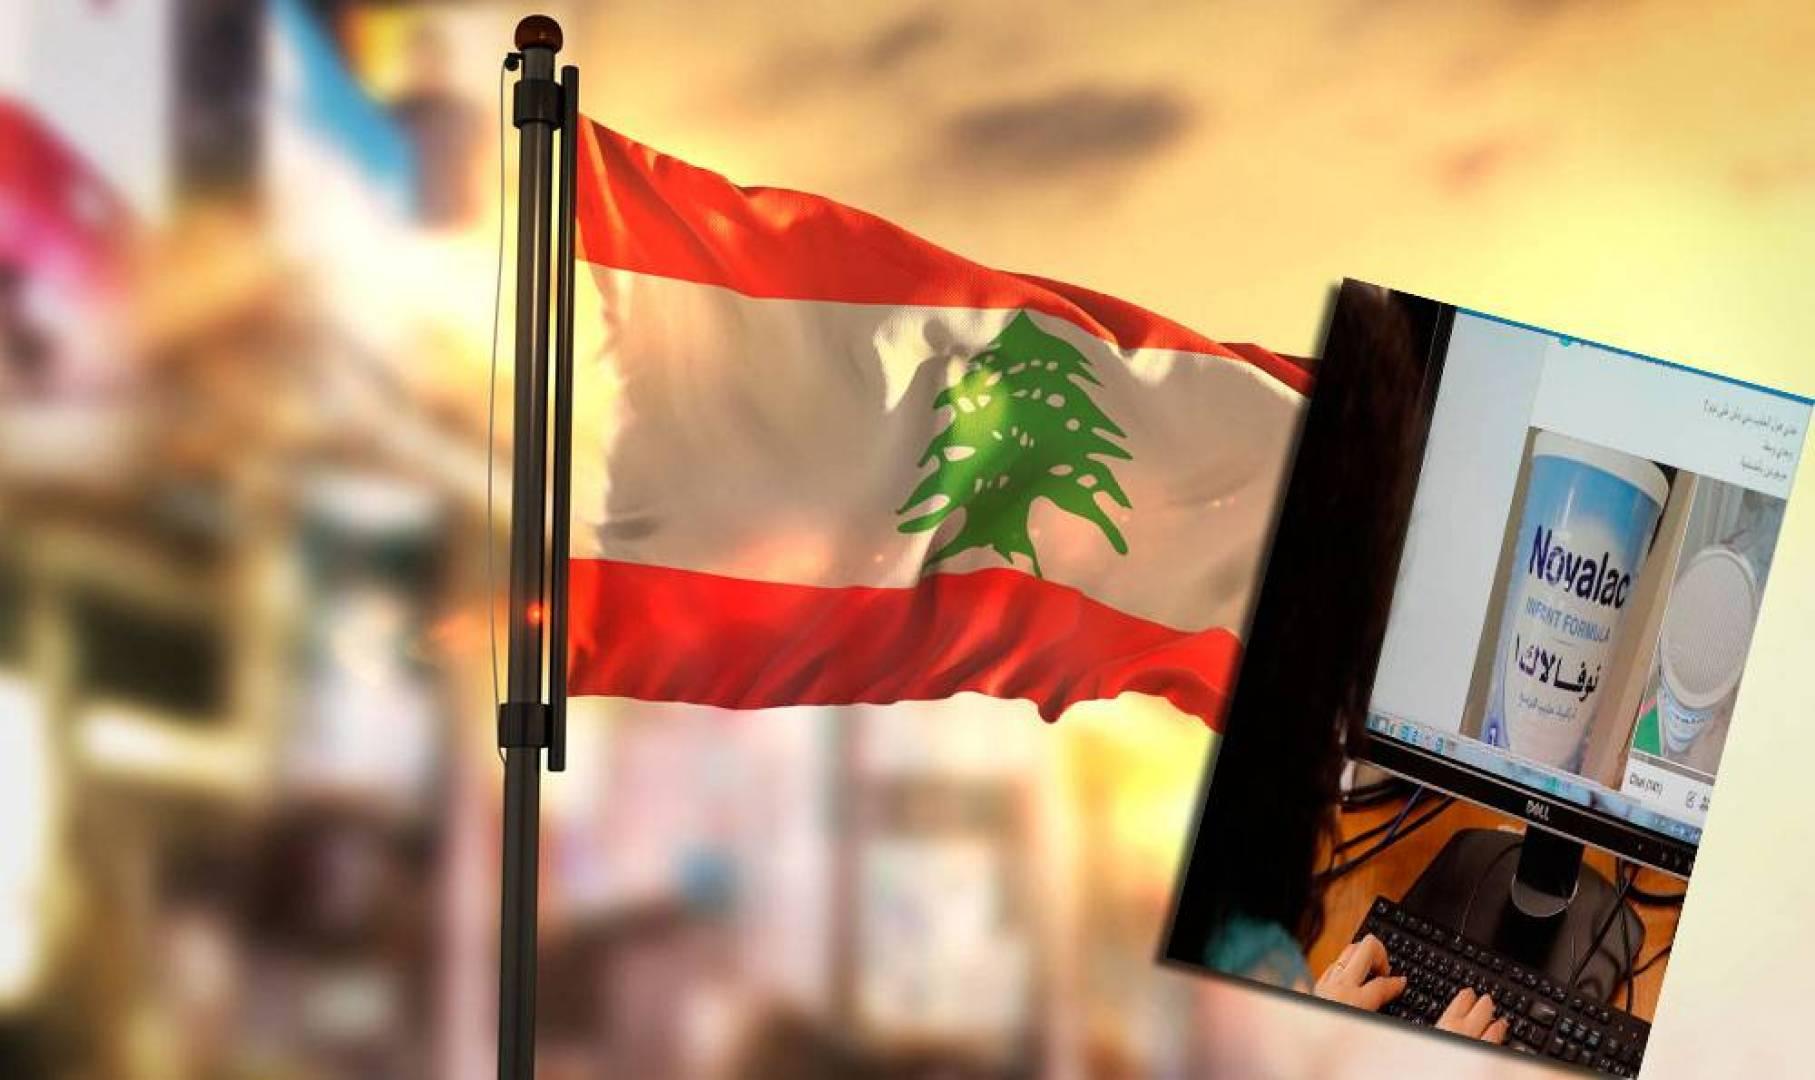 لبنانيون يقايضون مقتنياتهم لتأمين «حليب وحفاضات».. وسط أزمة معيشية خانقة